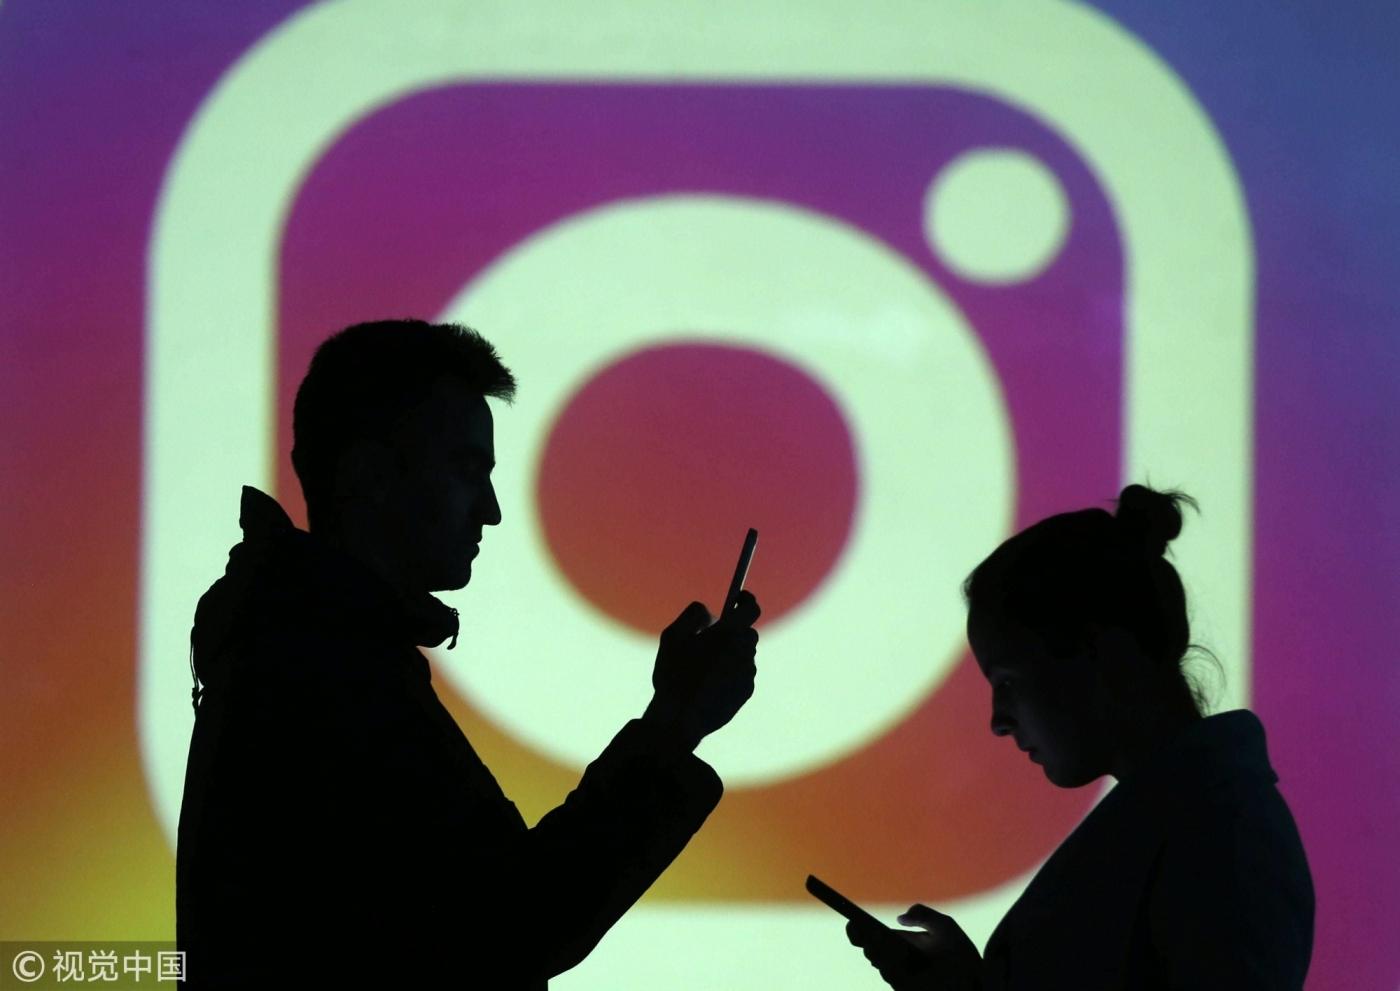 討厭分數的年輕人,卻在Instagram上找到了「考試」的快感